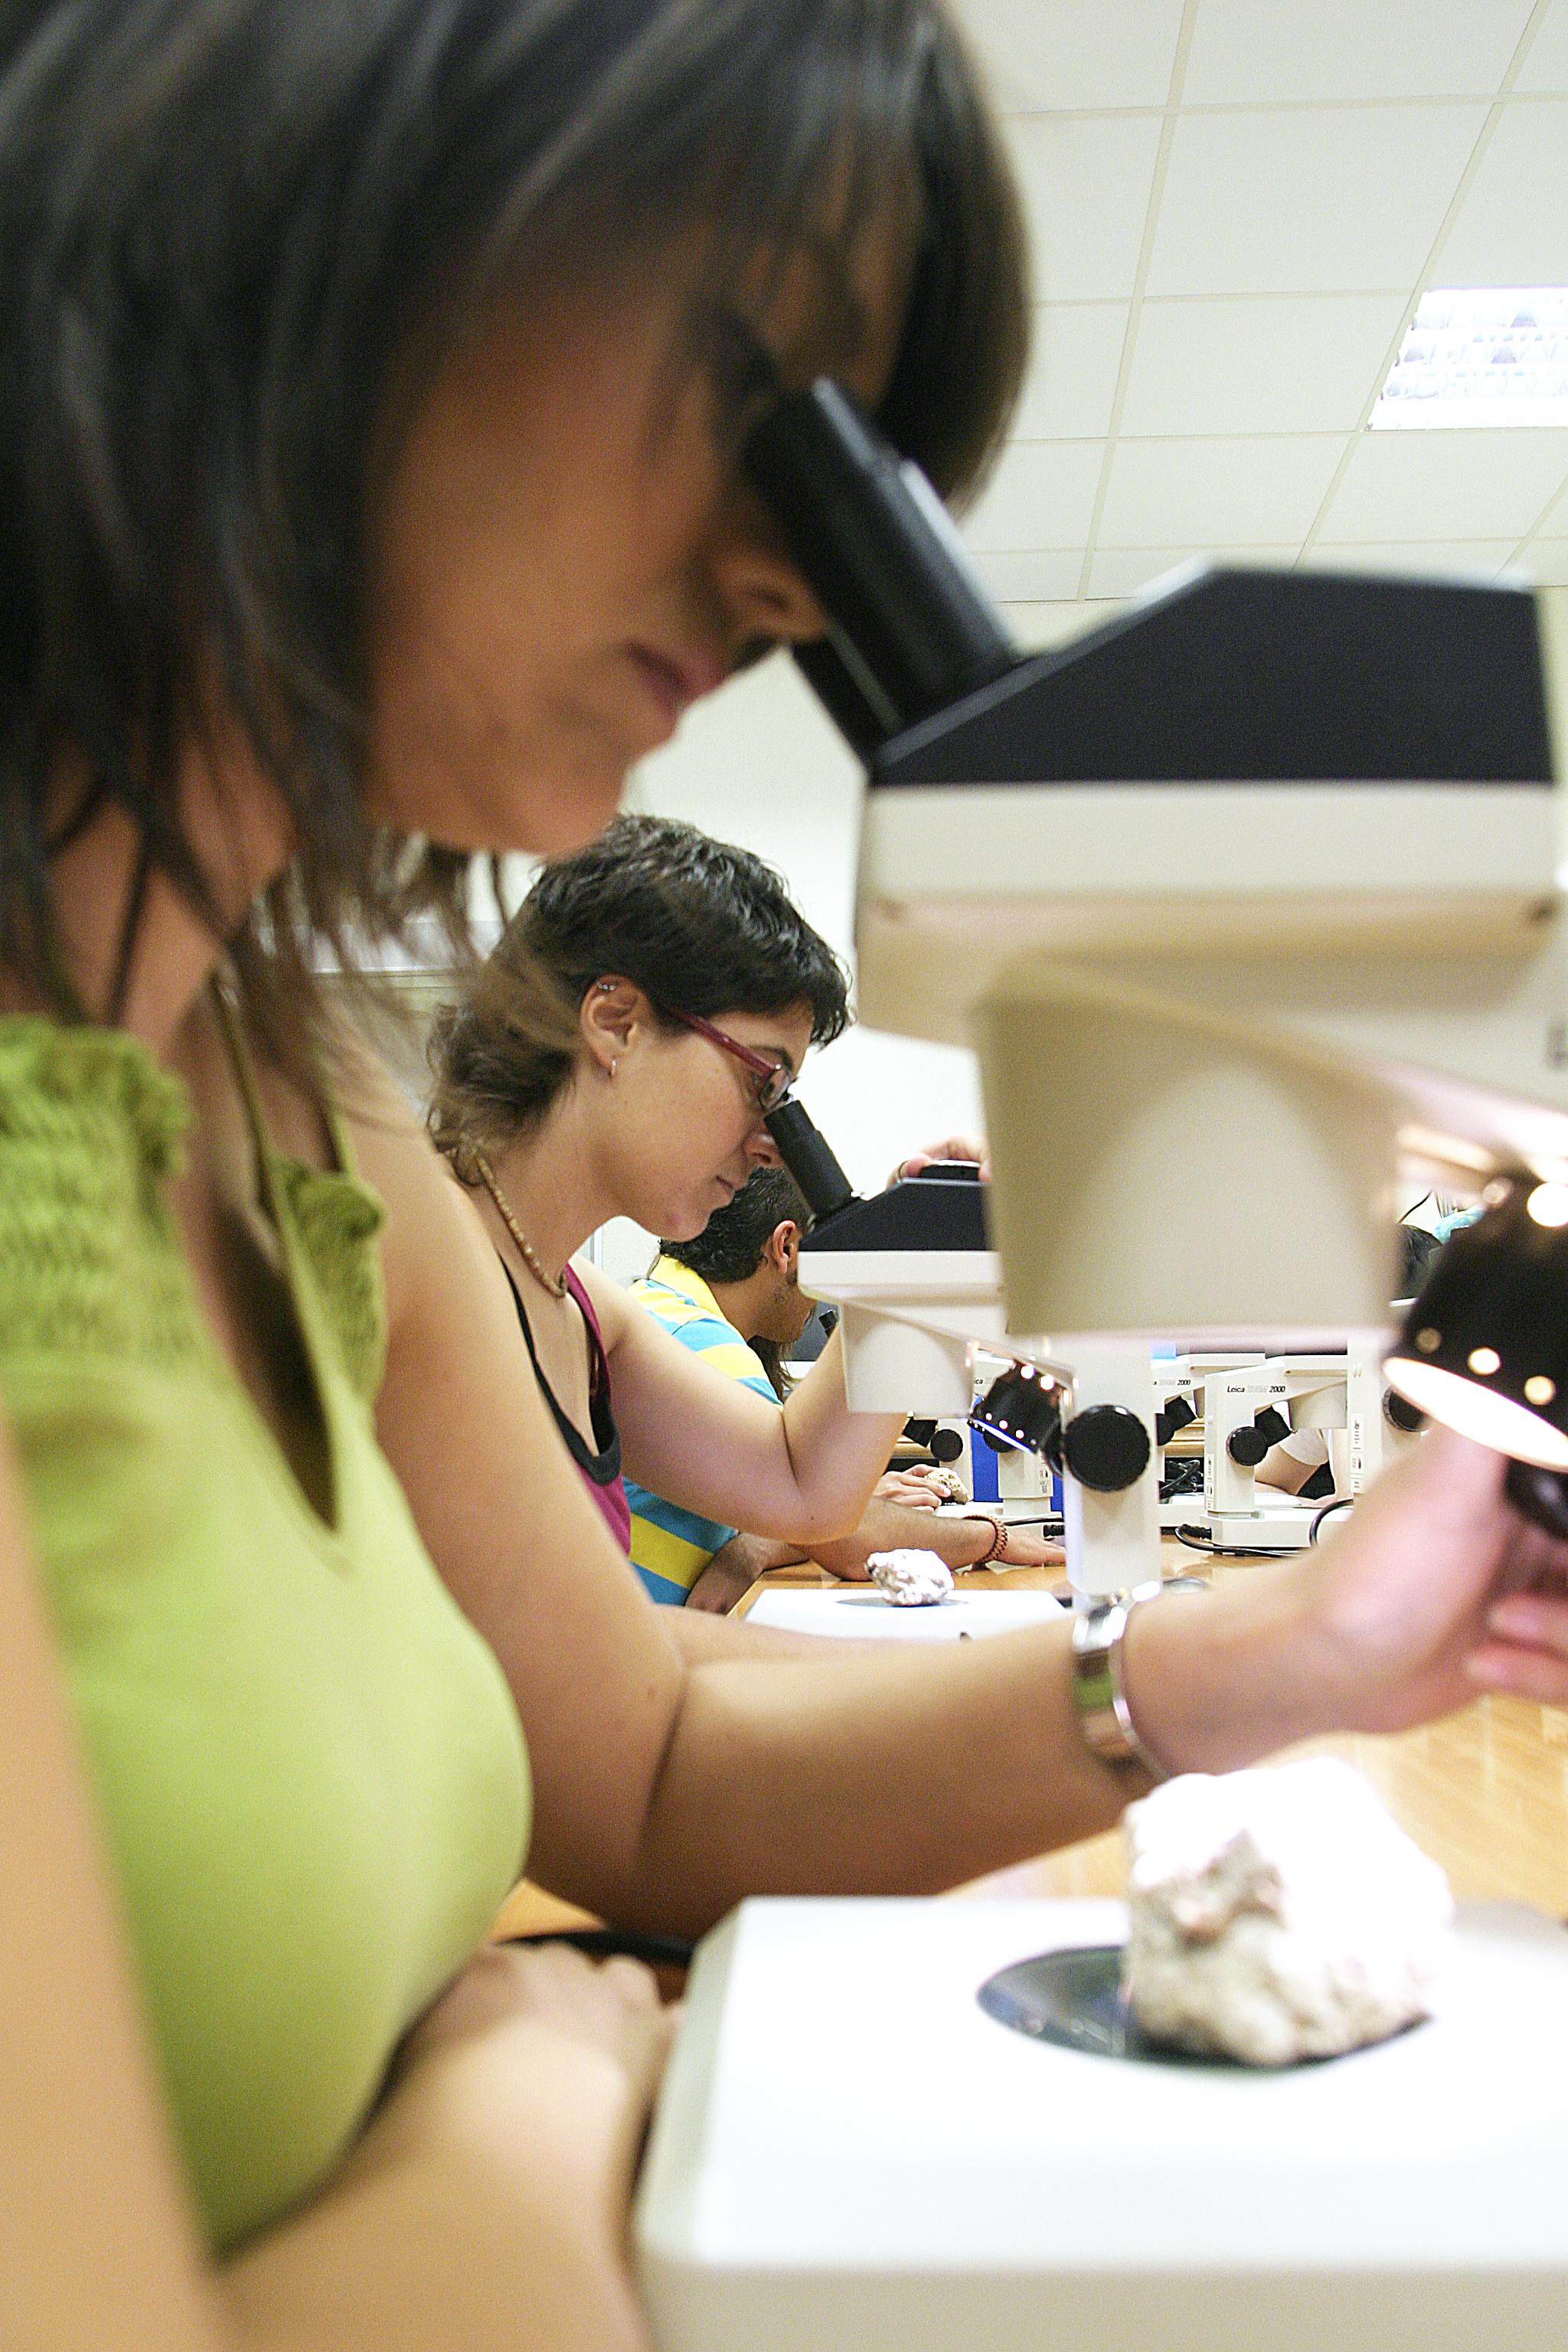 El programa Mentor para Doctorandos de la UGR fomentará la orientación y apoyo en la comunidad universitaria